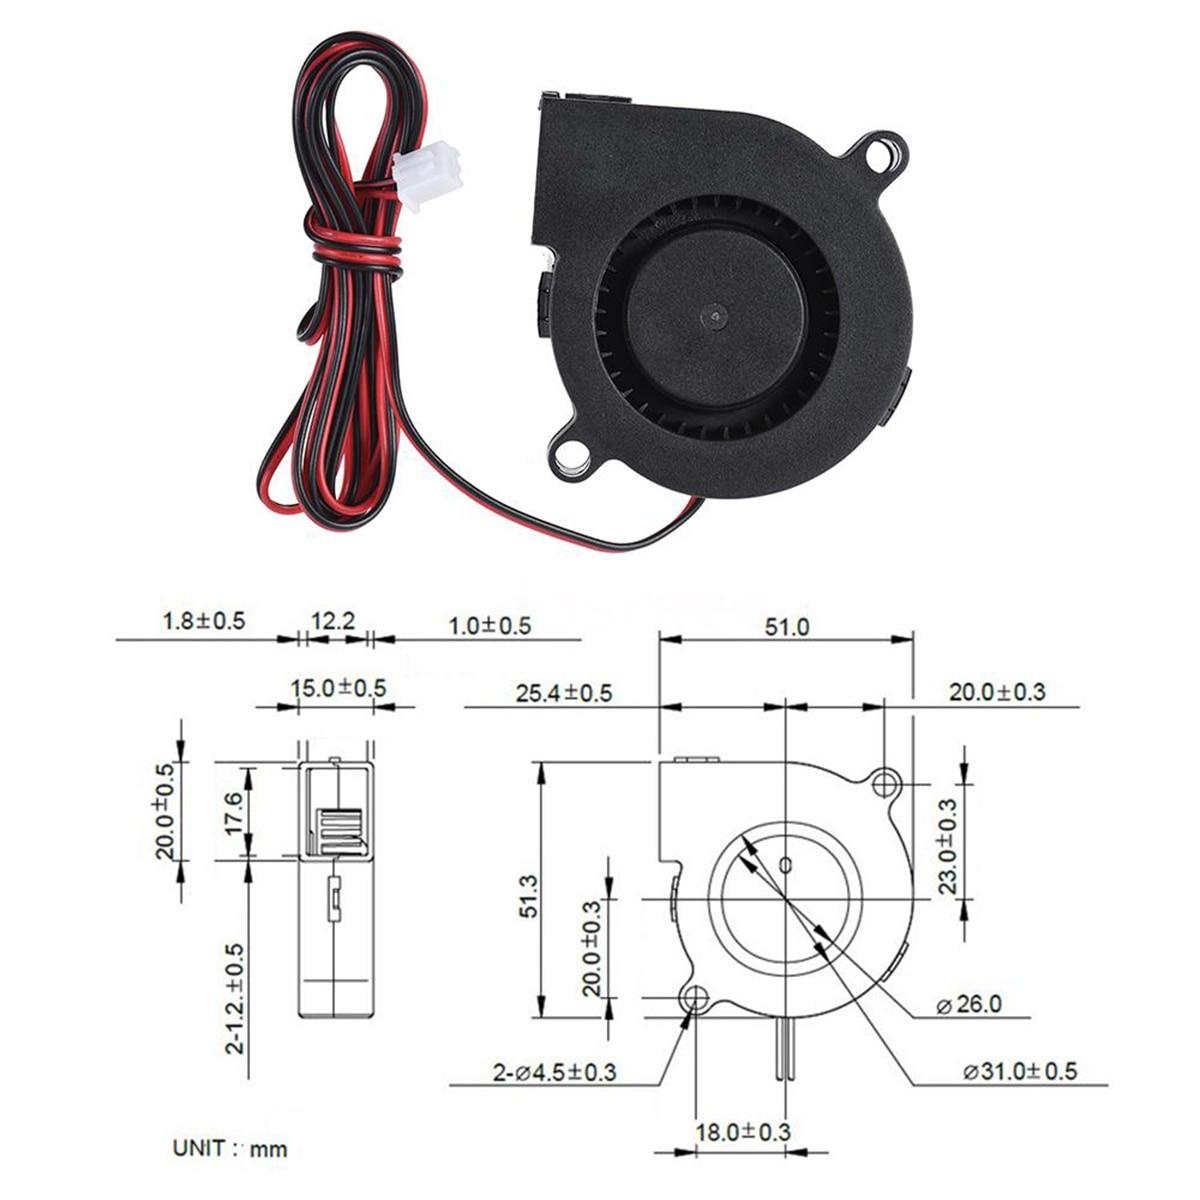 1pc DC Radial Cooling Fan 12V/24V Hot End Extruder Blow Fans 50*15mm Mayitr For 3D Printer Parts delta 12038 12v cooling fan afb1212ehe afb1212he afb1212hhe afb1212le afb1212she afb1212vhe afb1212me